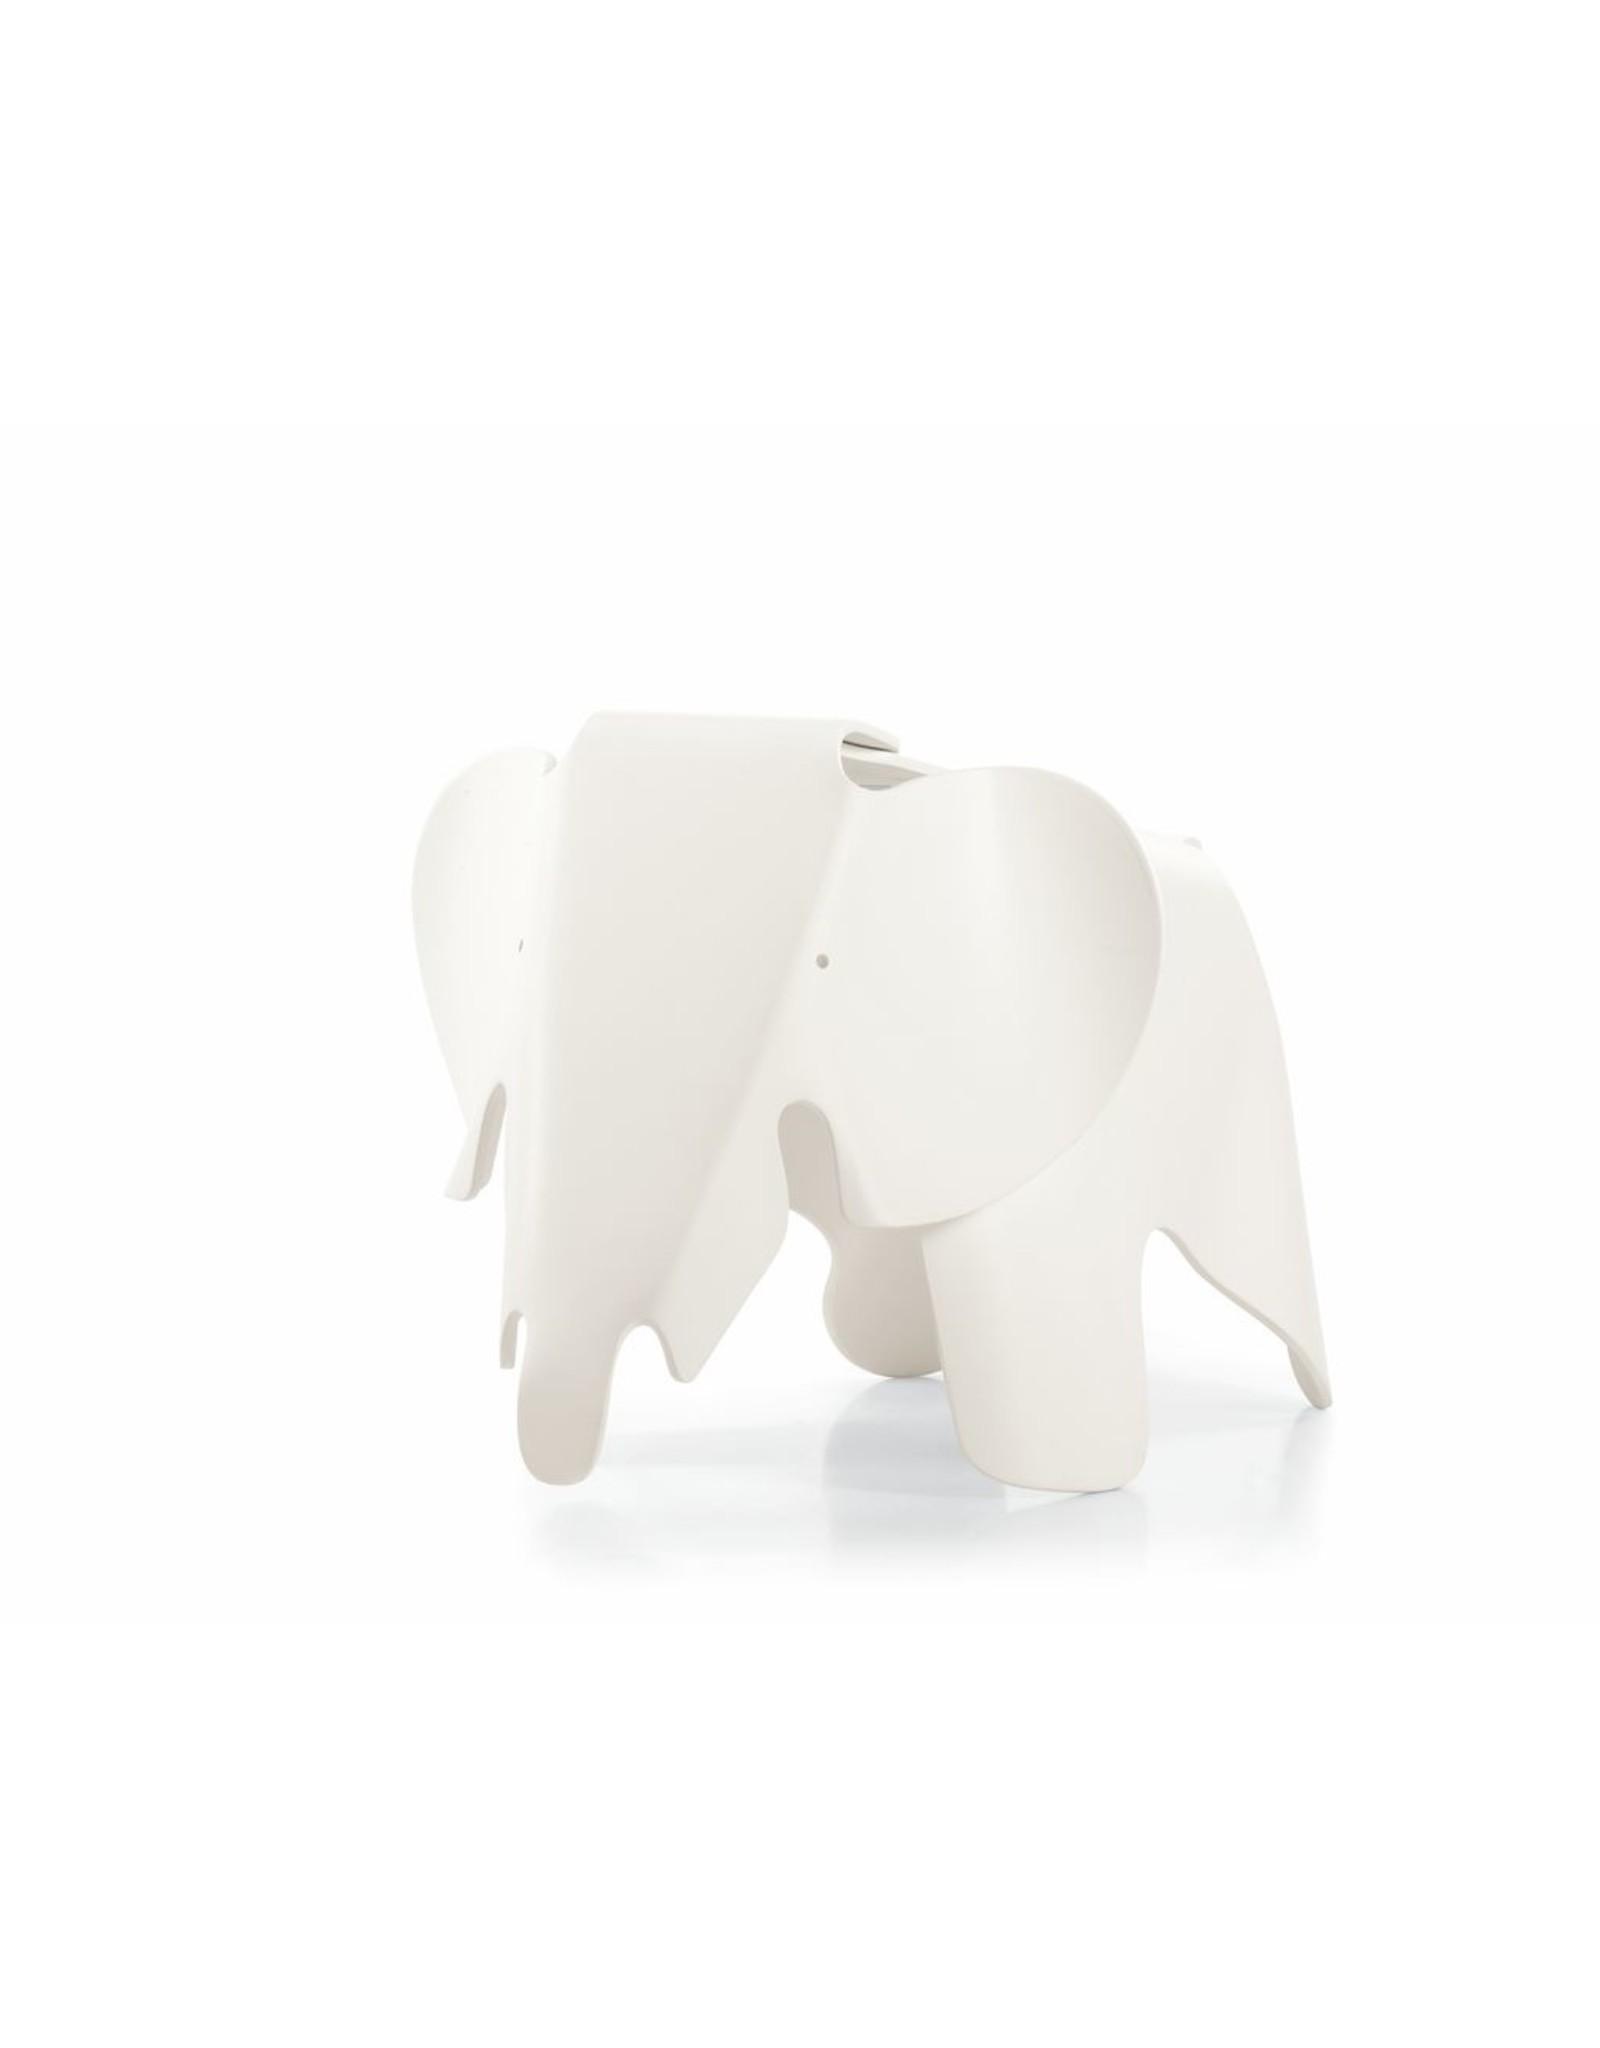 VITRA EAMUS ELEPHANT WIT